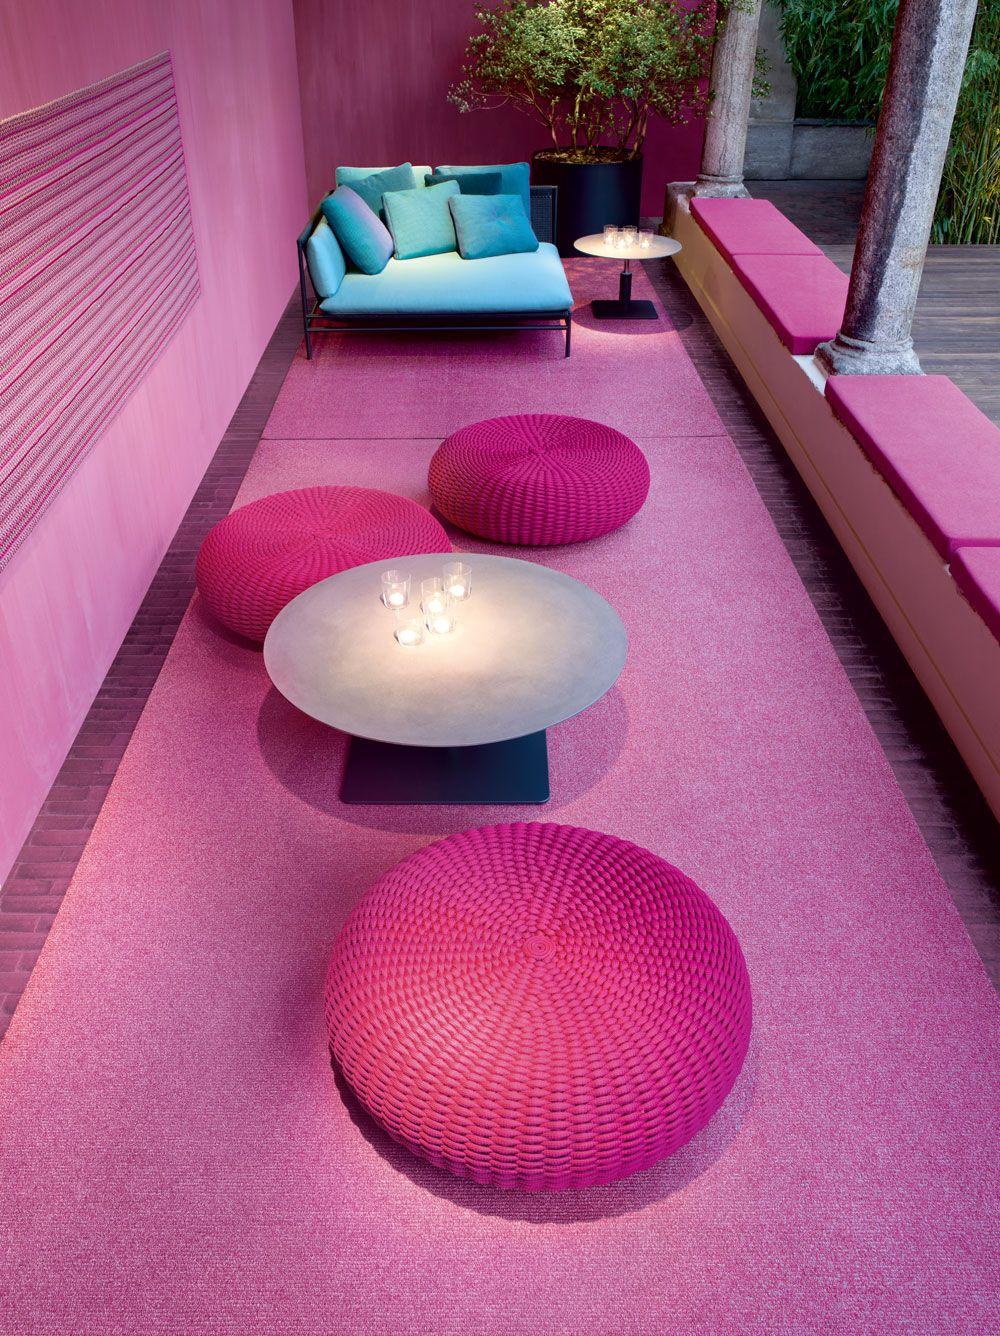 Karpetten zelfs mogelijk op een terras